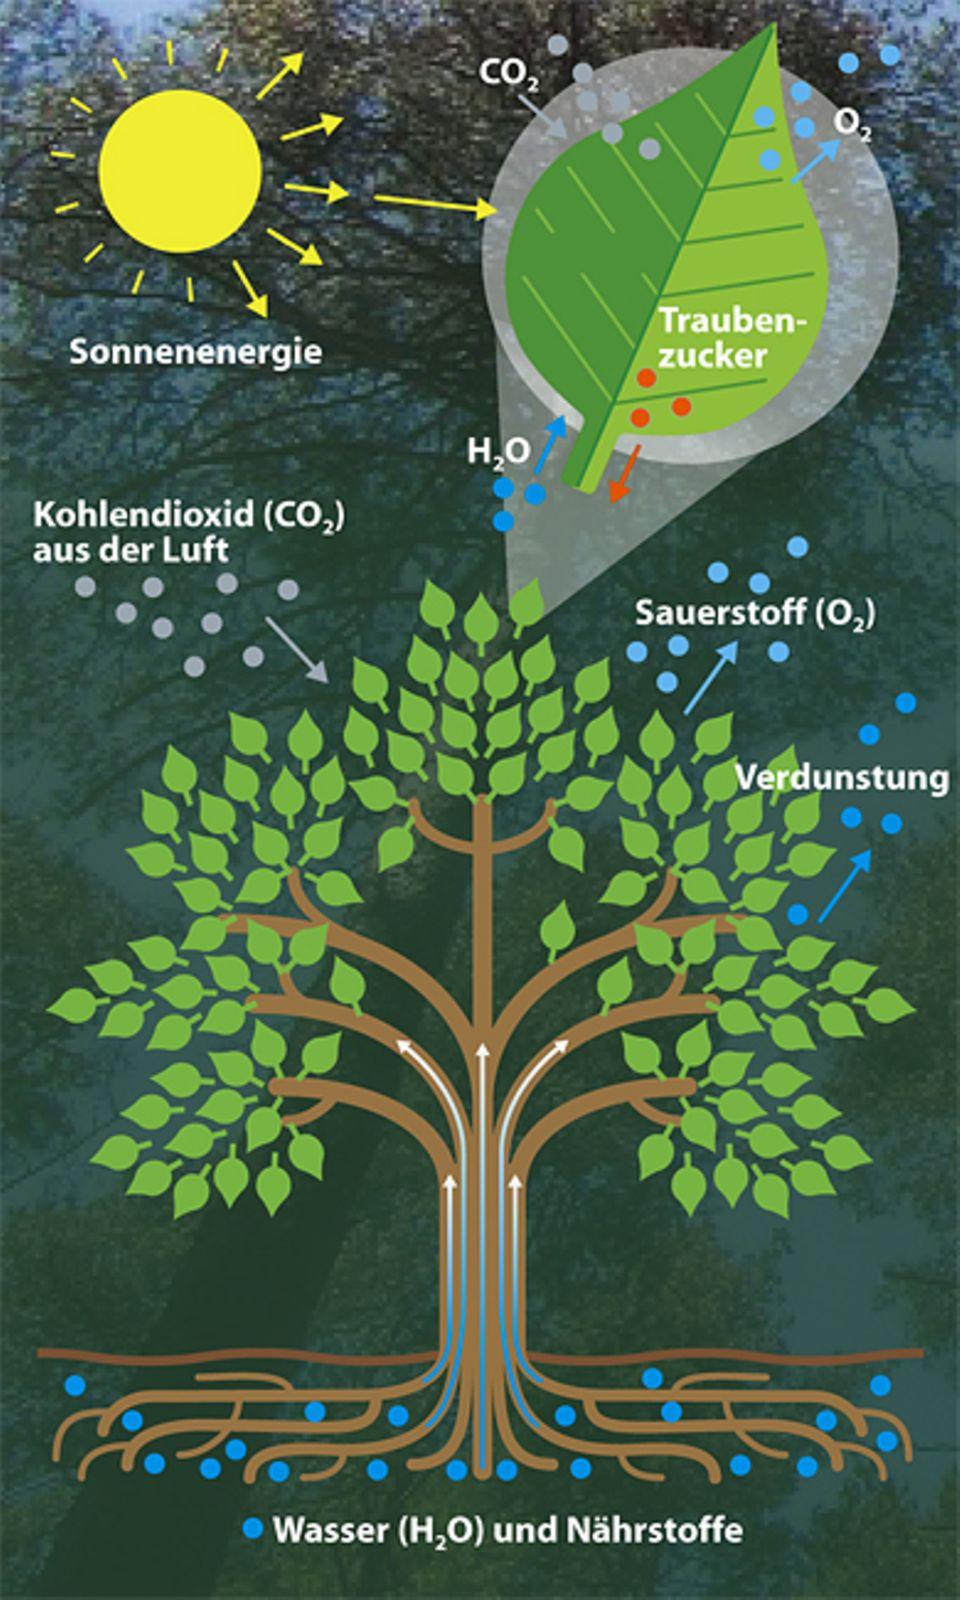 Botanik: Ein Baum braucht Wasser, Luft und Licht zum Überleben